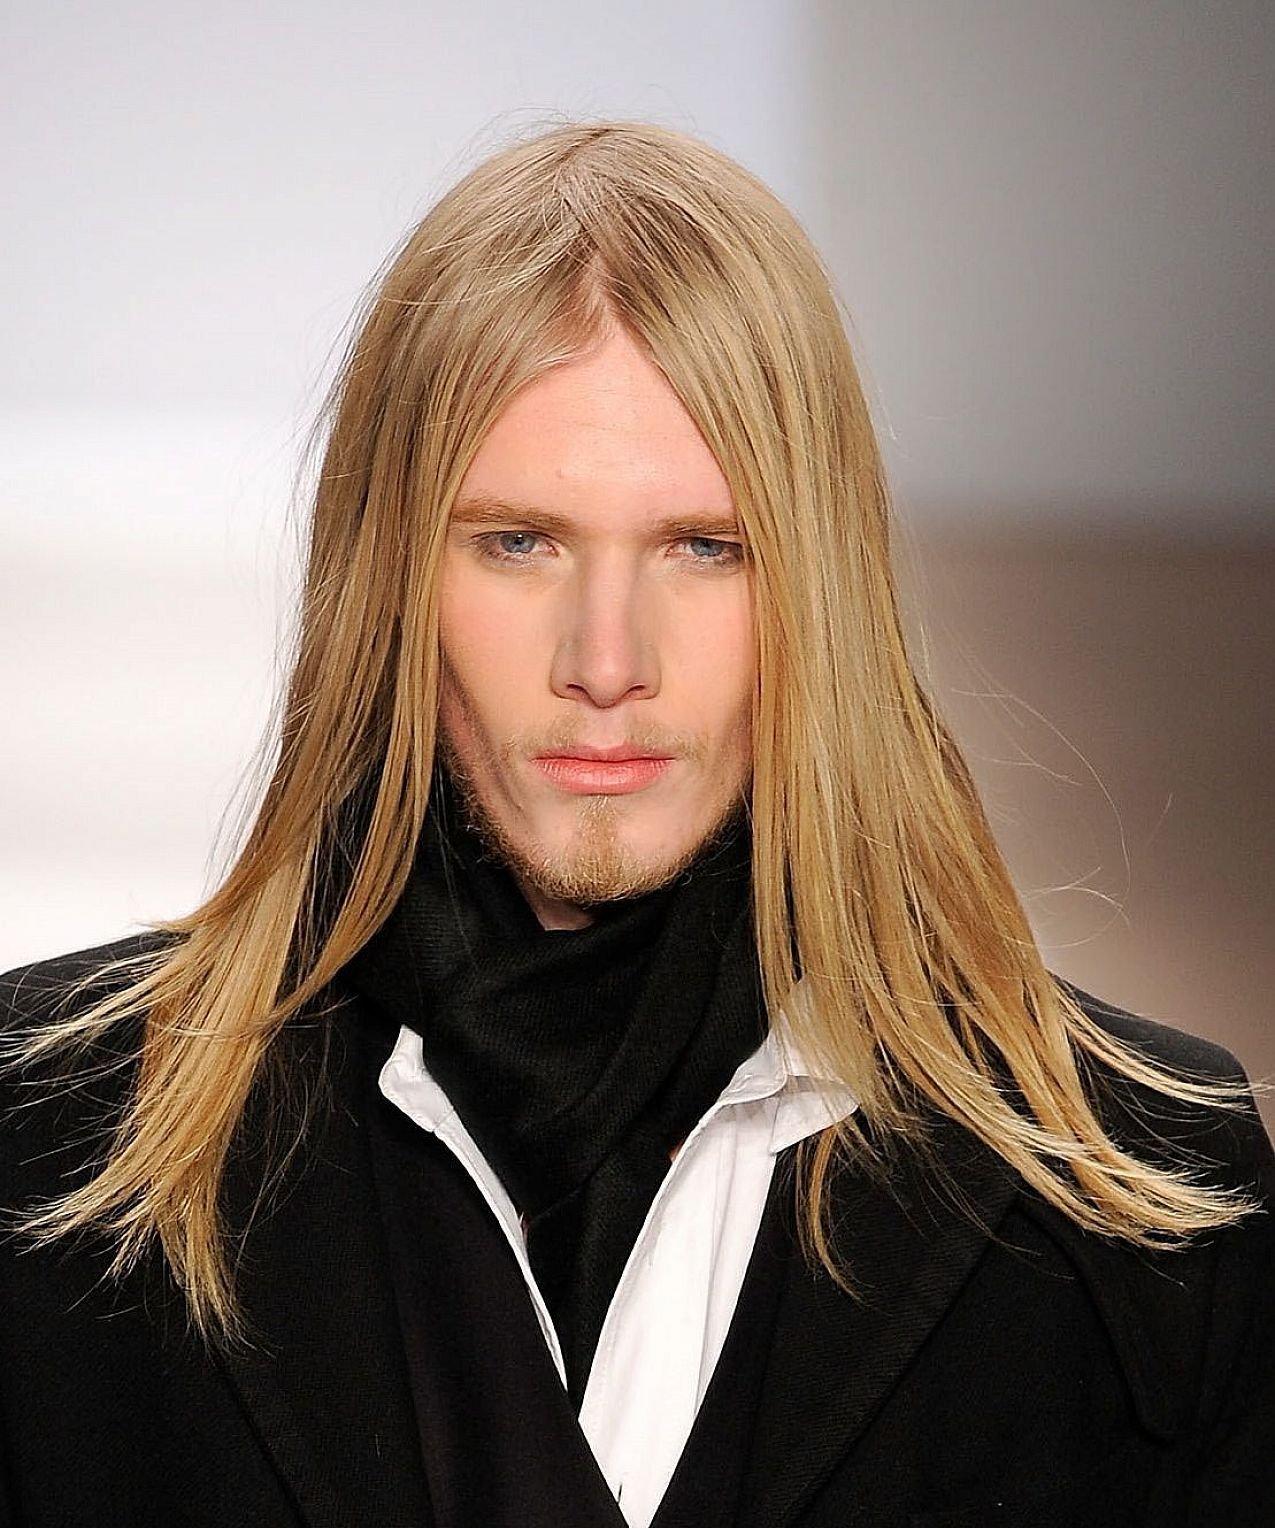 Длинные волосы у мужчин кому идут